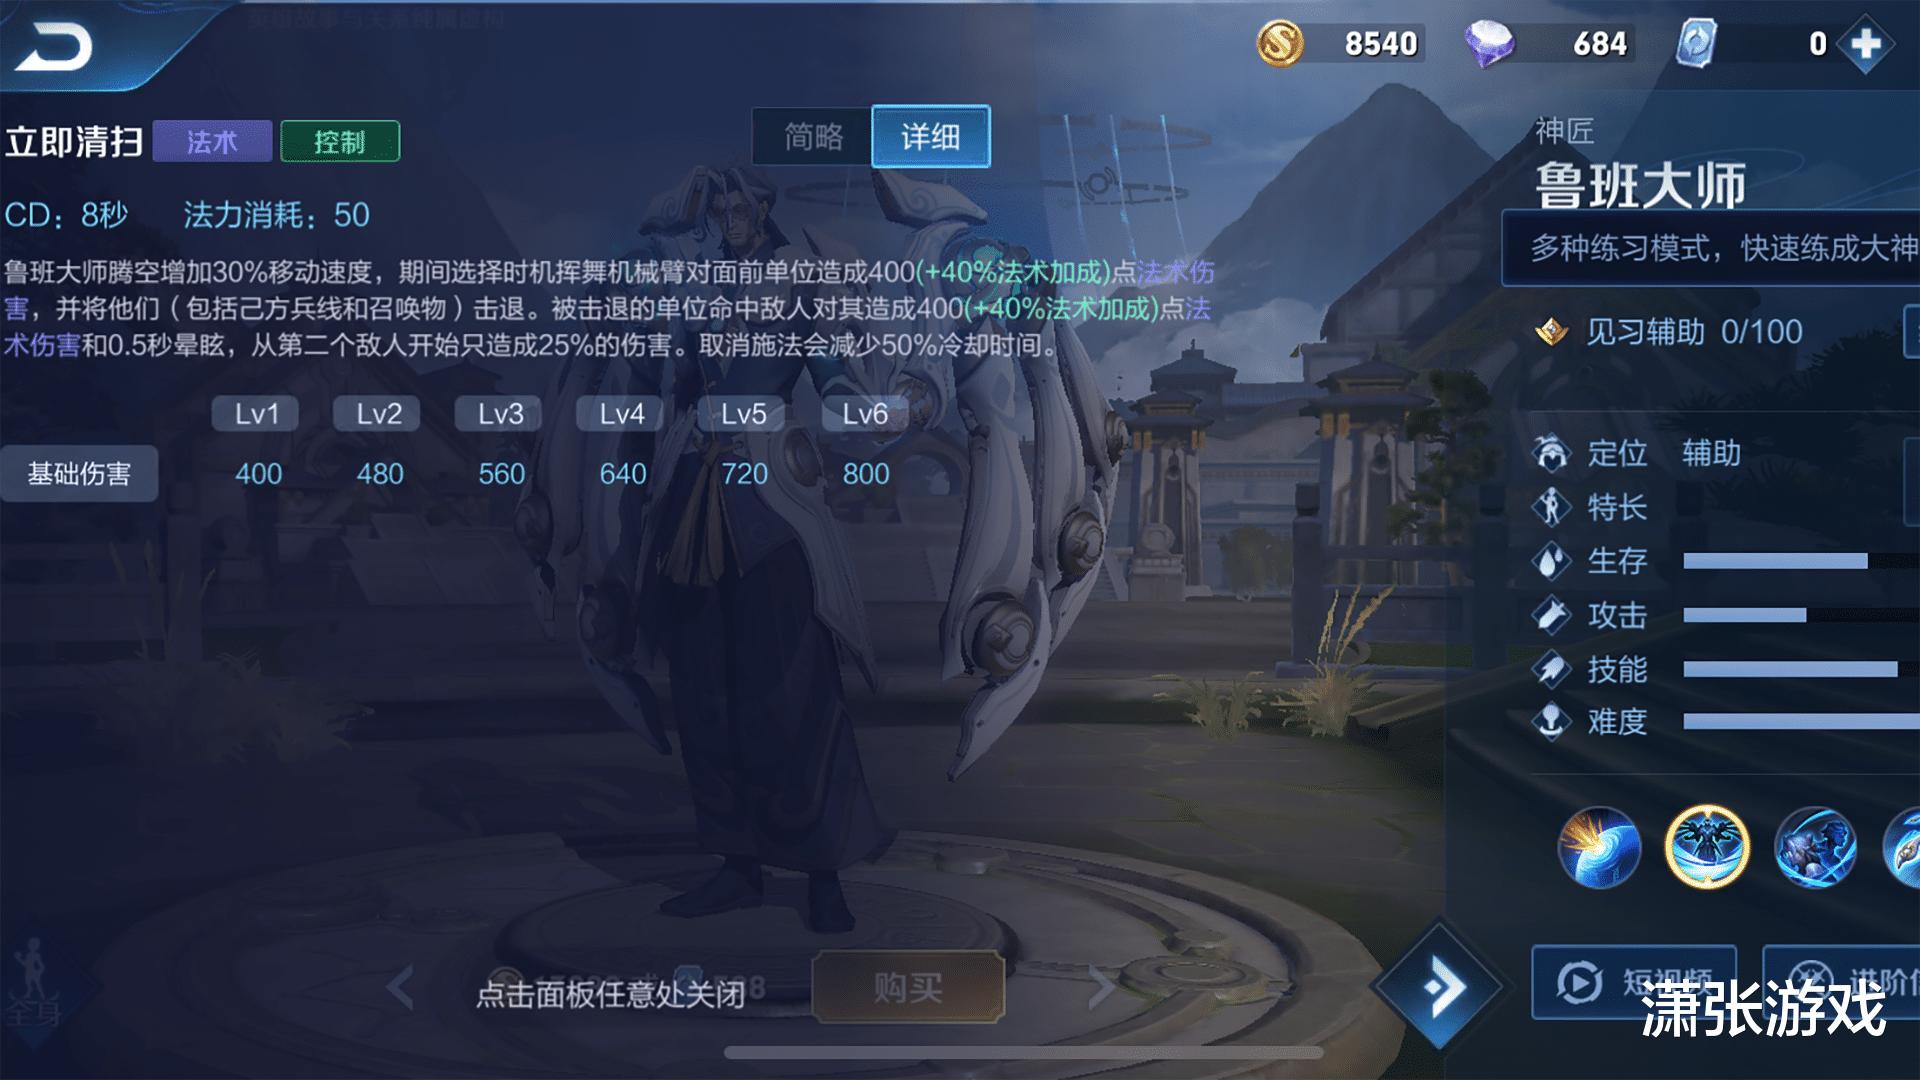 王者荣耀:鲁班大师最新Ban率64.20%的3个原因,附带细节攻略! 鲁班 王者荣耀 单机资讯  第5张